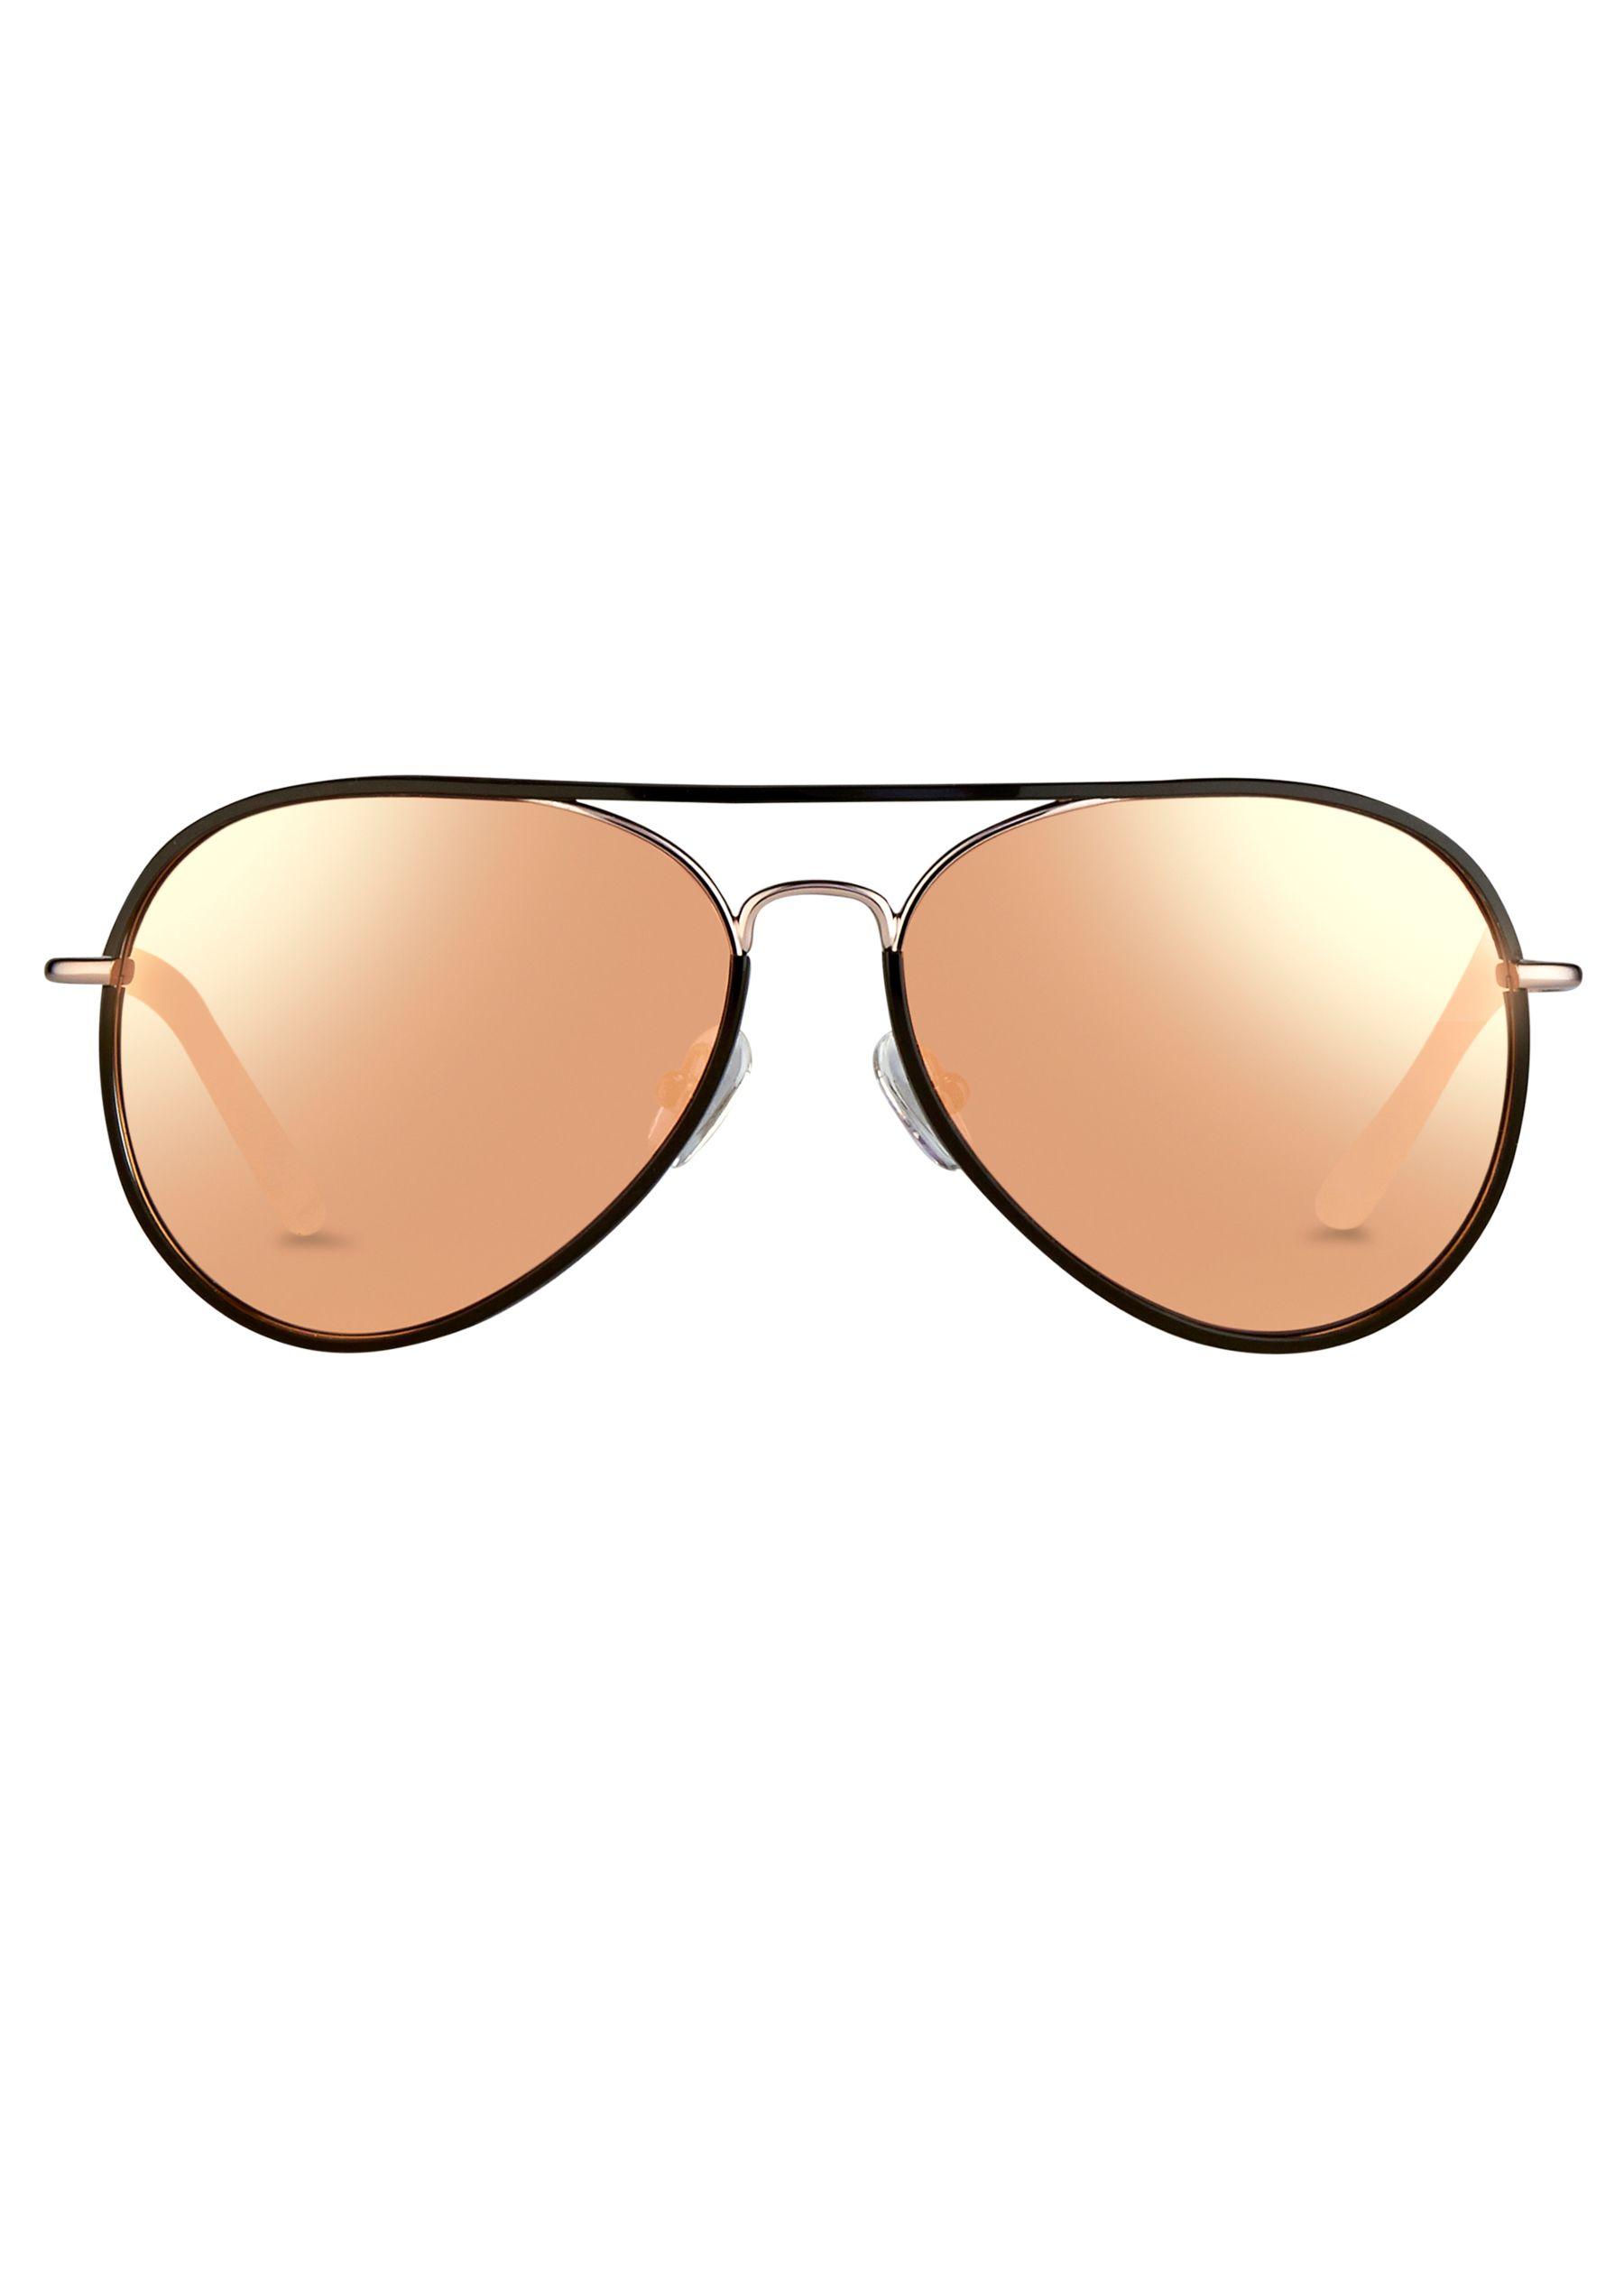 Matthew williamson Rose Gold Mirrored Aviator Sunglasses